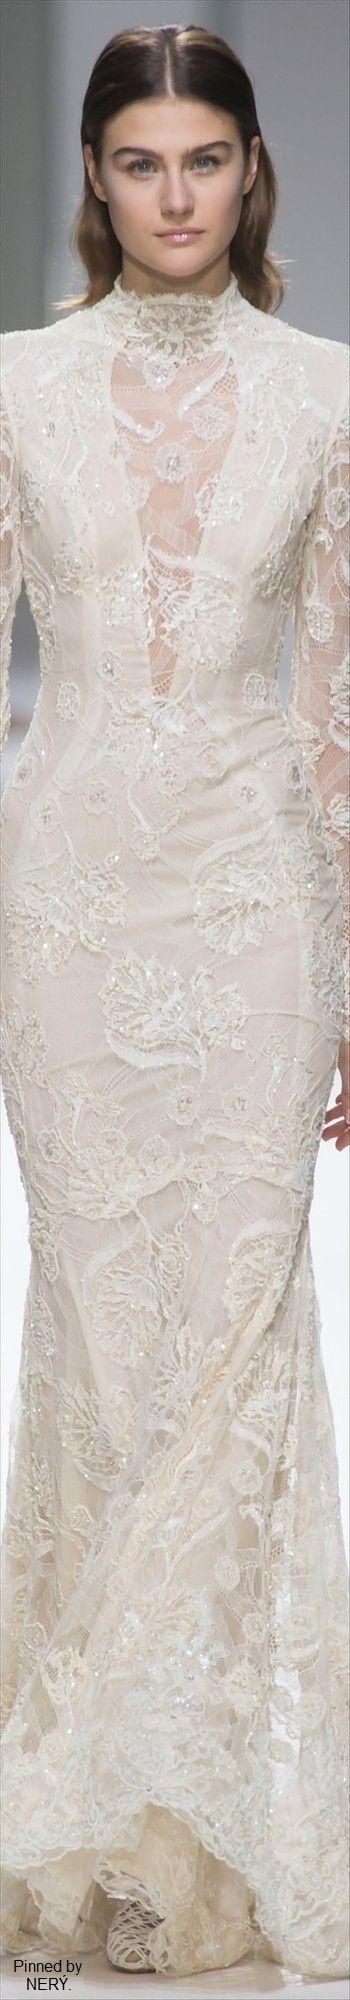 Galia Lahav Spring 2017 Couture